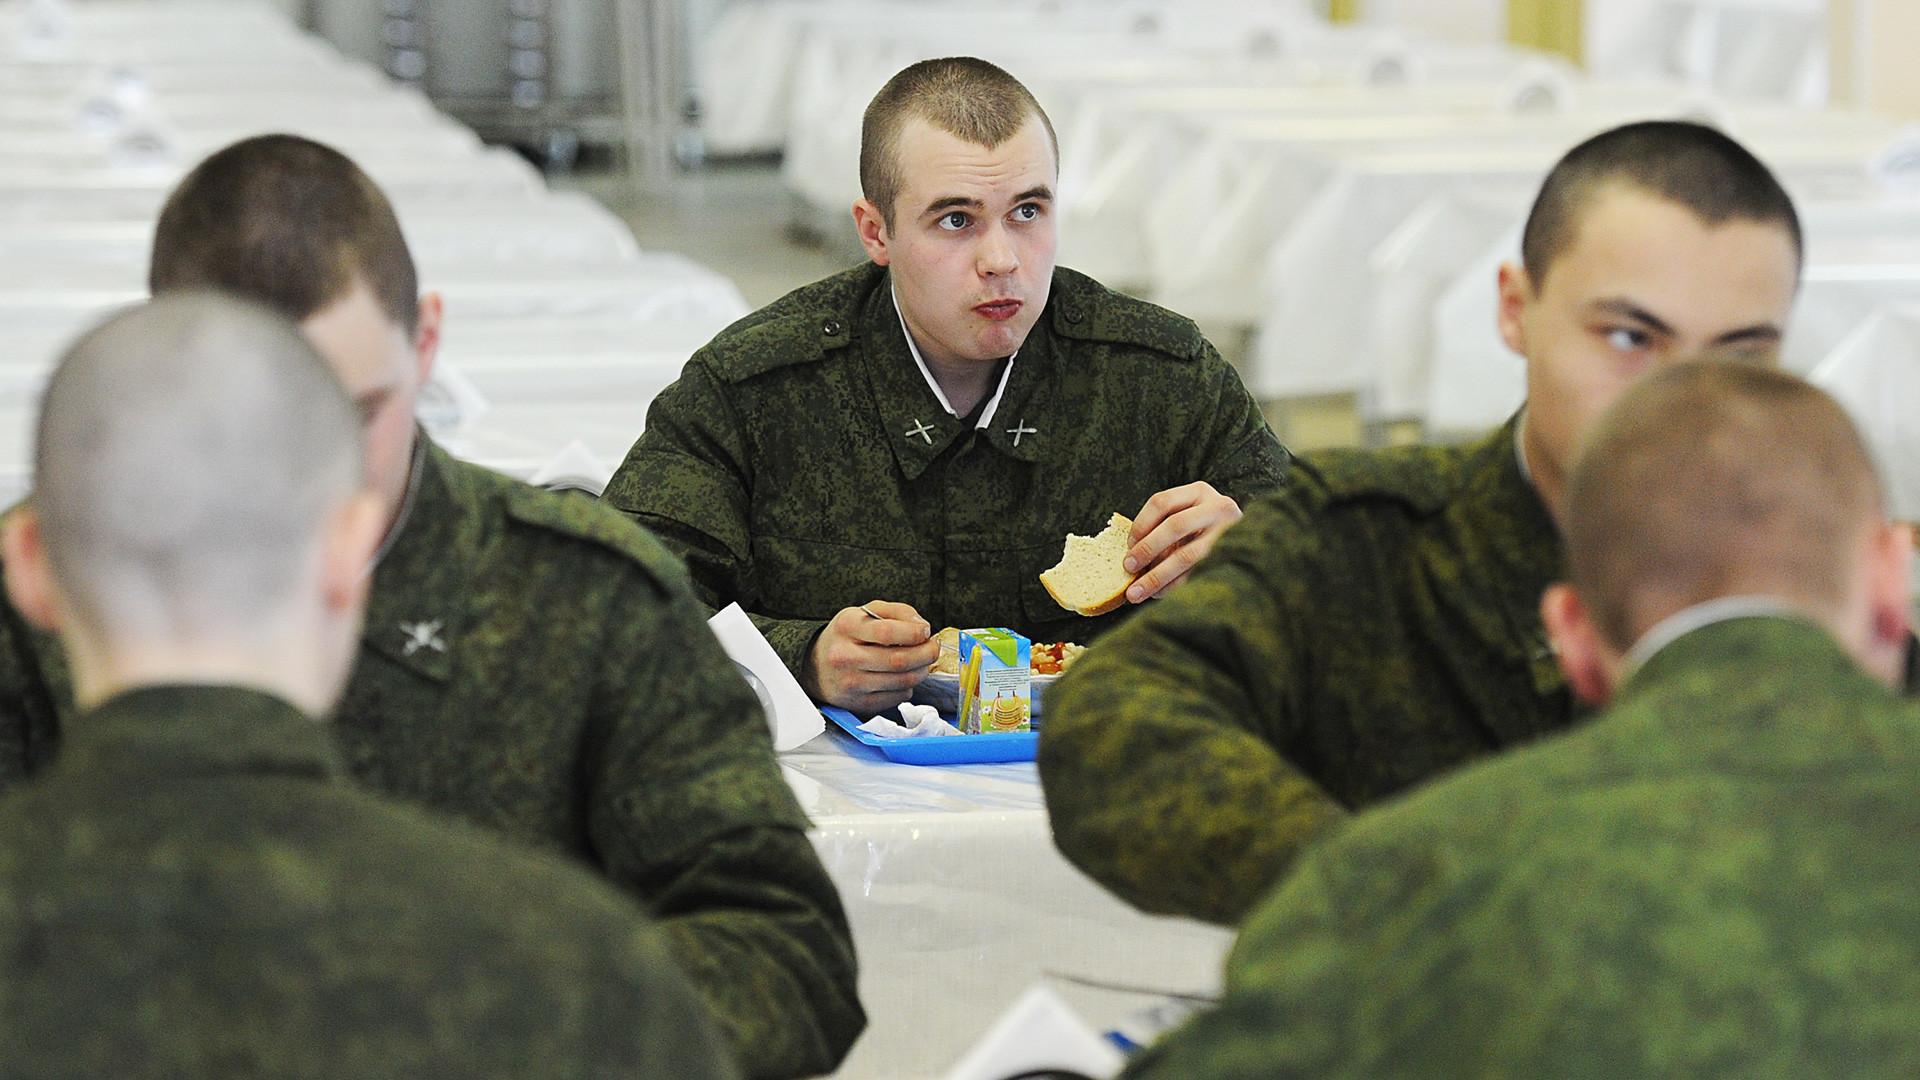 Soldados en la cantina del Centro de entrenamientos militares en Sértolovo, región de Leningrado.